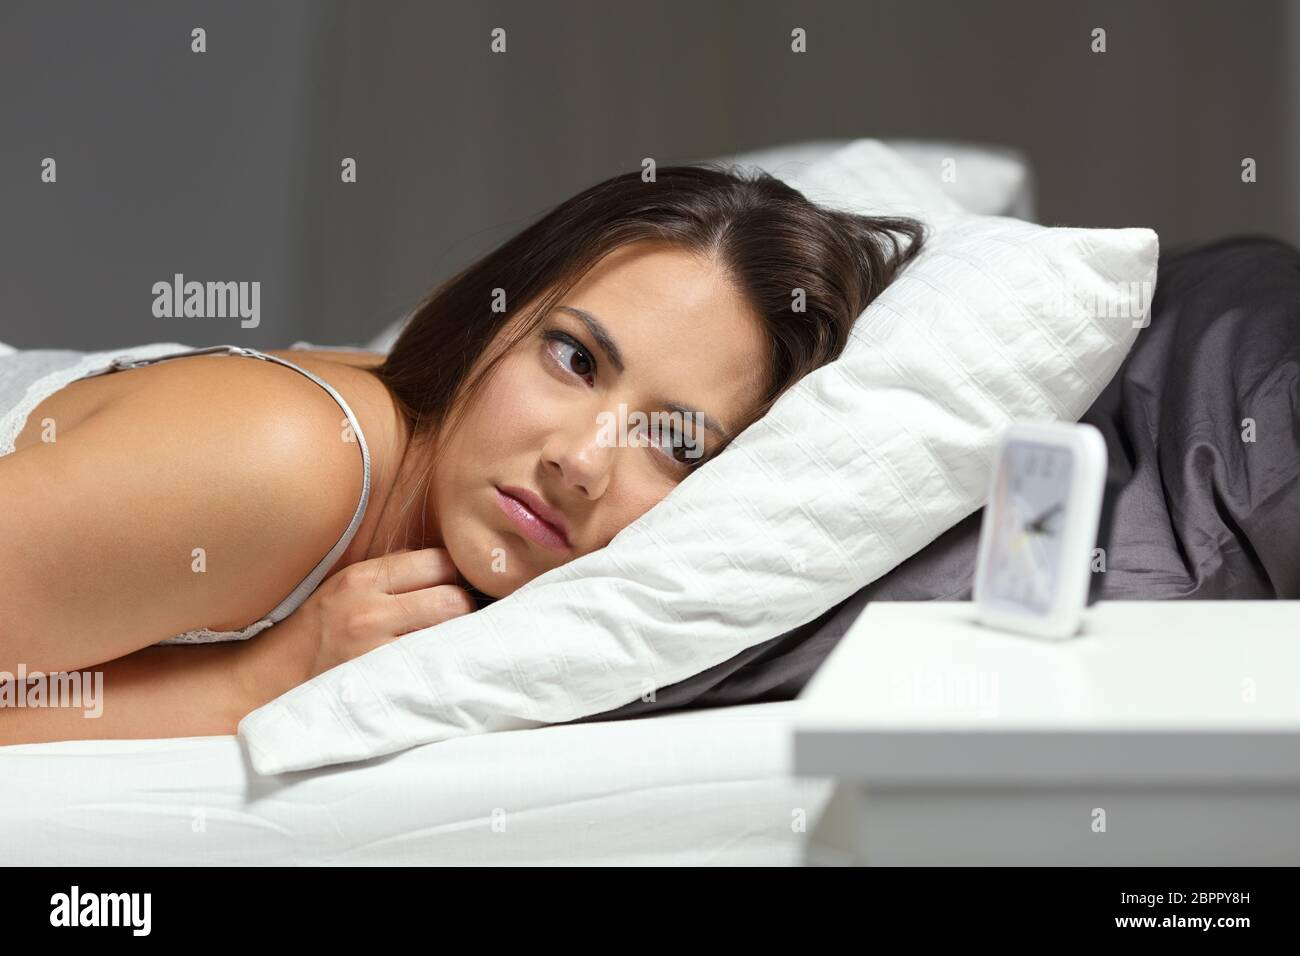 Sleepless insomniac chica mirando el despertador tumbado en la cama en la noche en su domicilio. Foto de stock